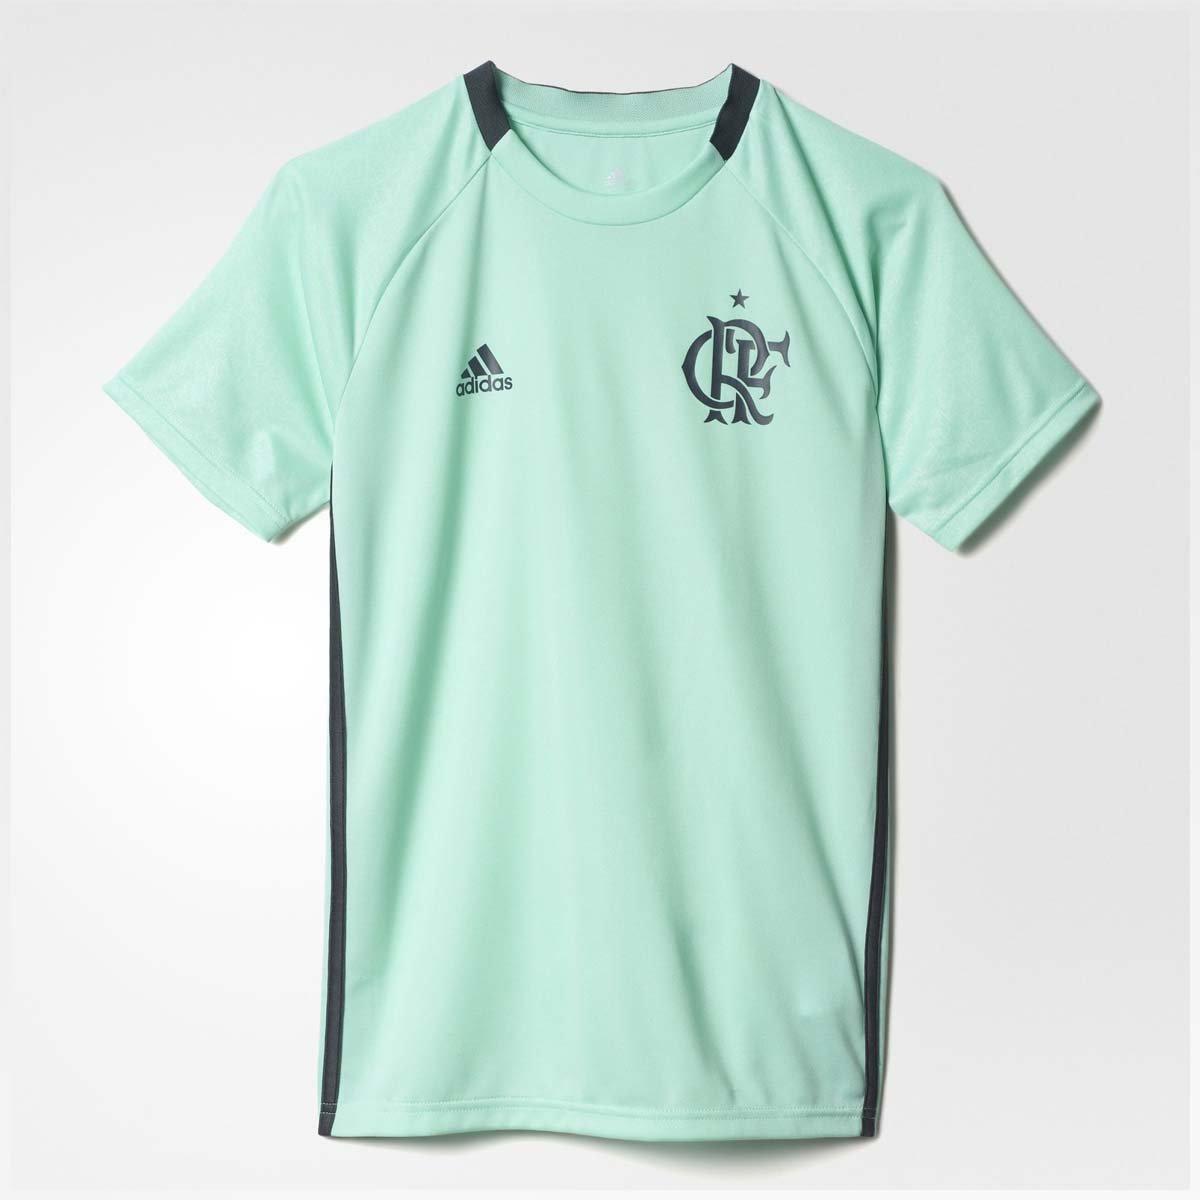 Camisa Infantil Flamengo Treino CR Copa Adidas - Compre Agora  da41bff4bb783